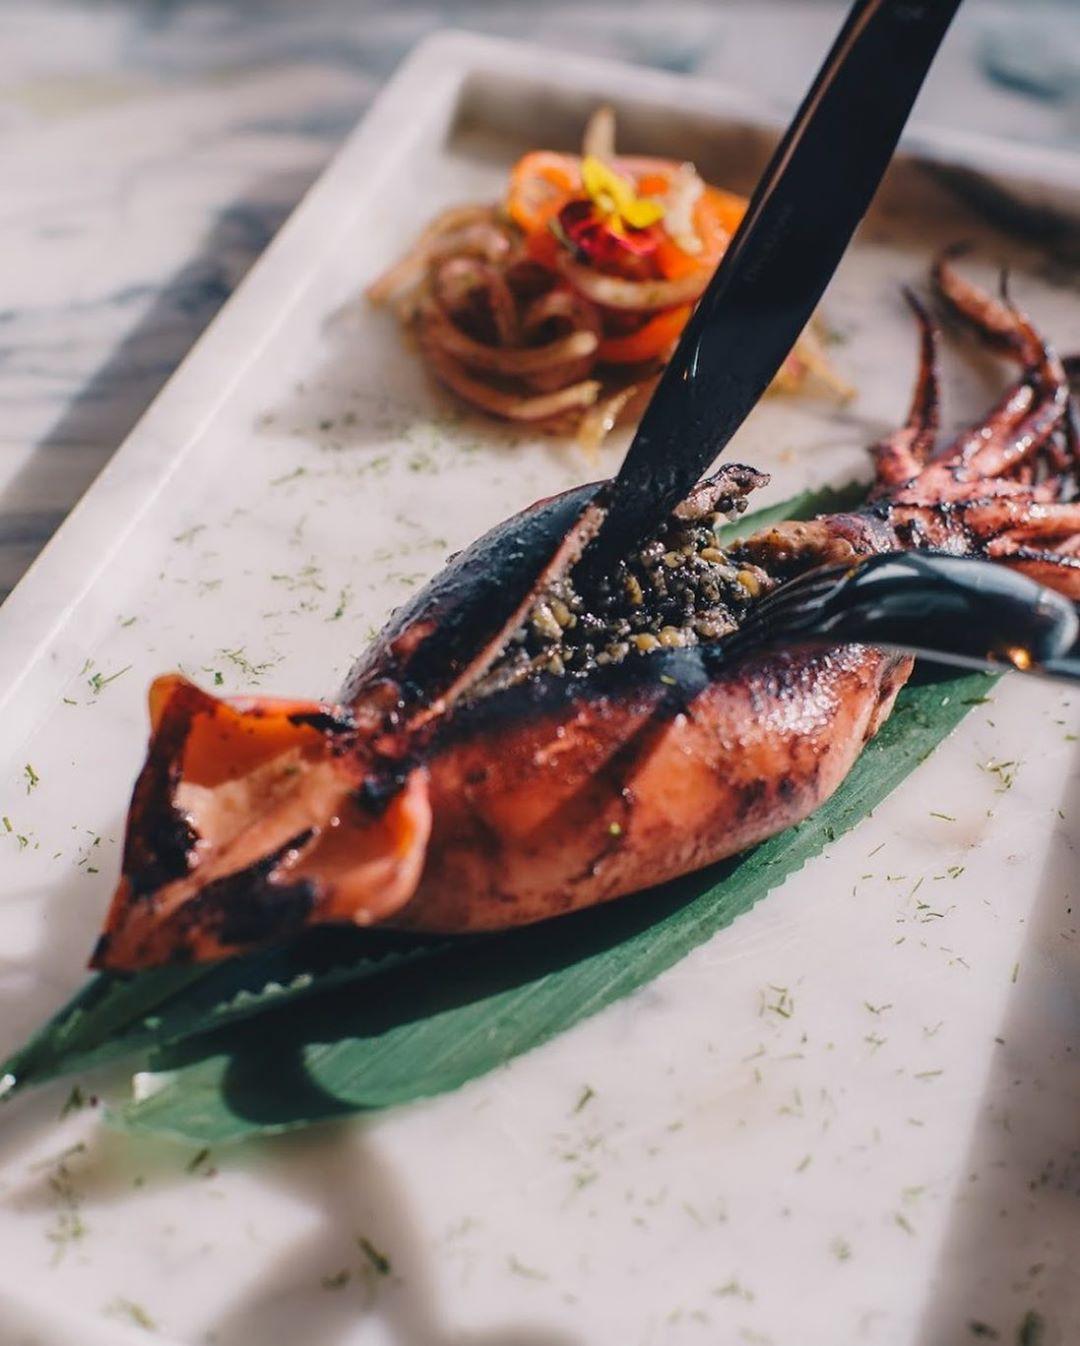 Nằm lòng 7 món ăn vặt siêu hấp dẫn cho team du lịch quét sập Hong Kong - Ảnh 23.